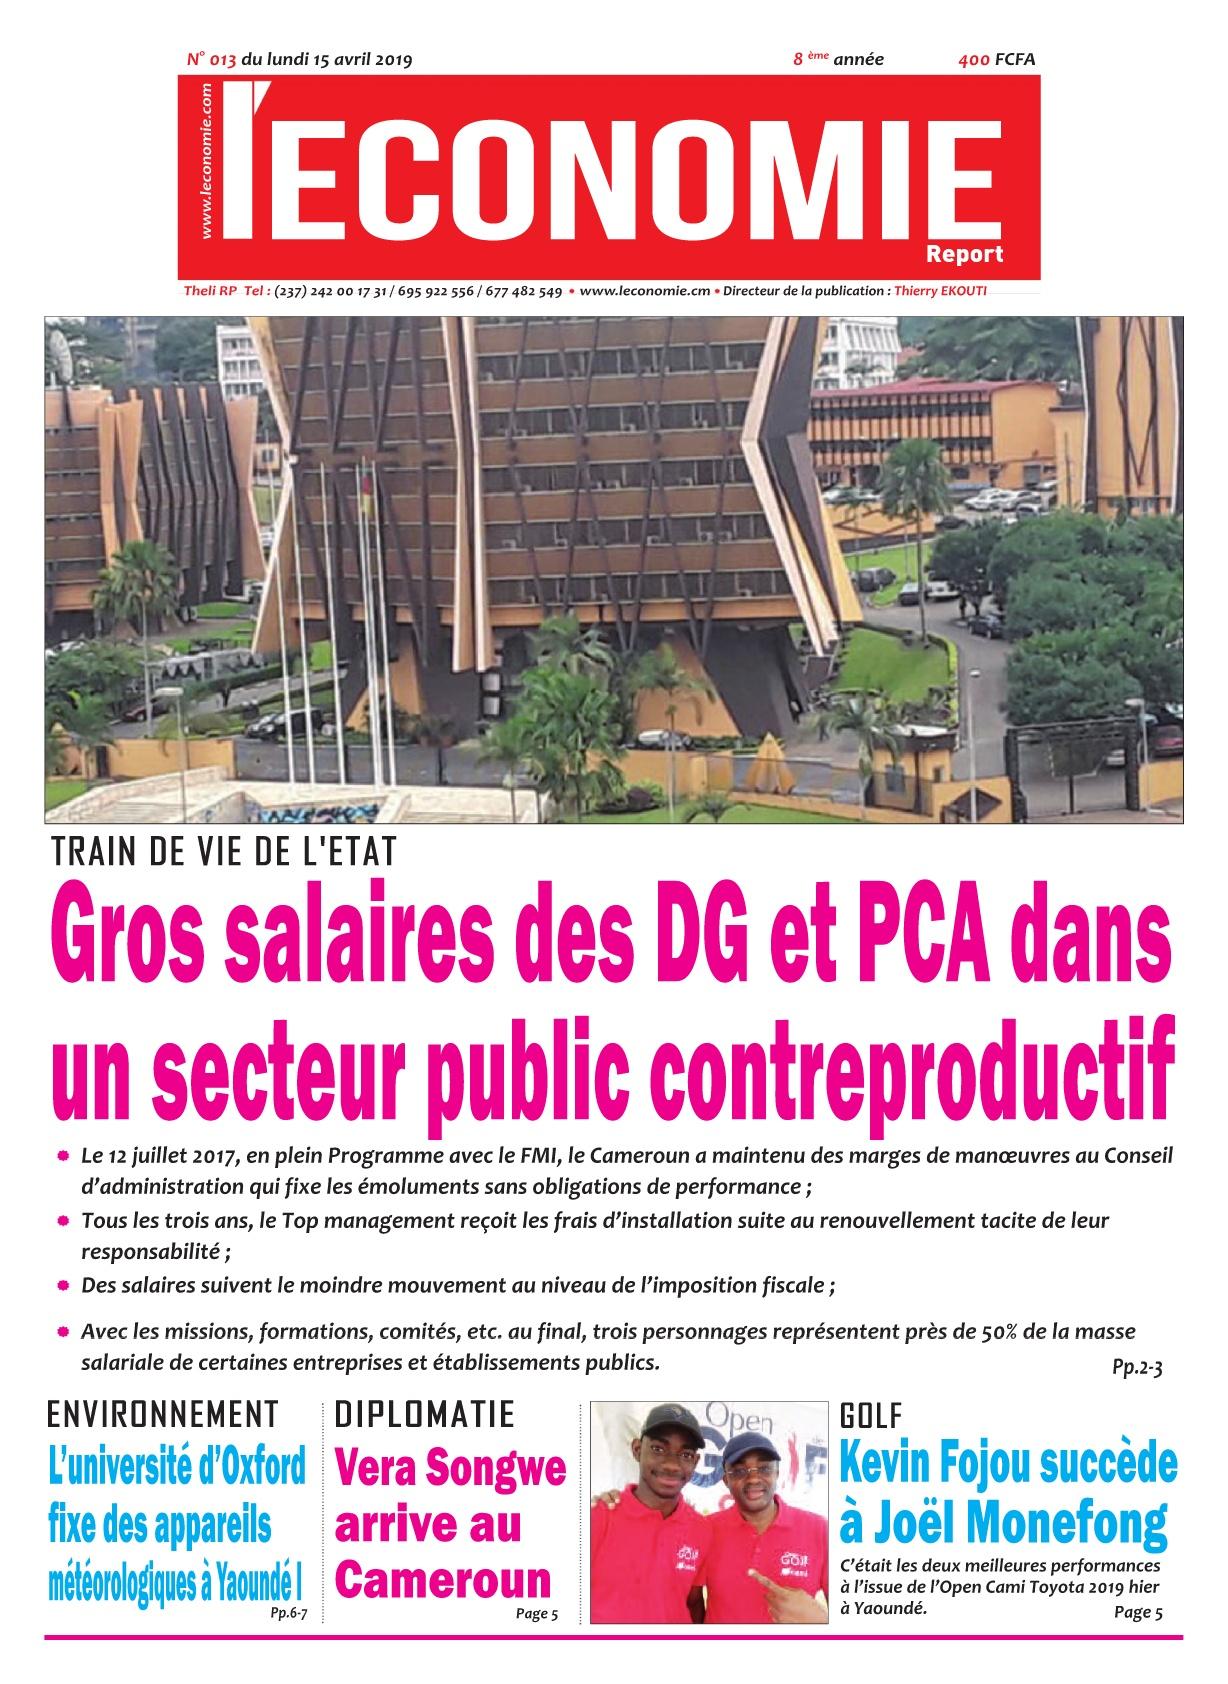 Le Quotidien de l&#039;Economie <br/> 15/04/2019